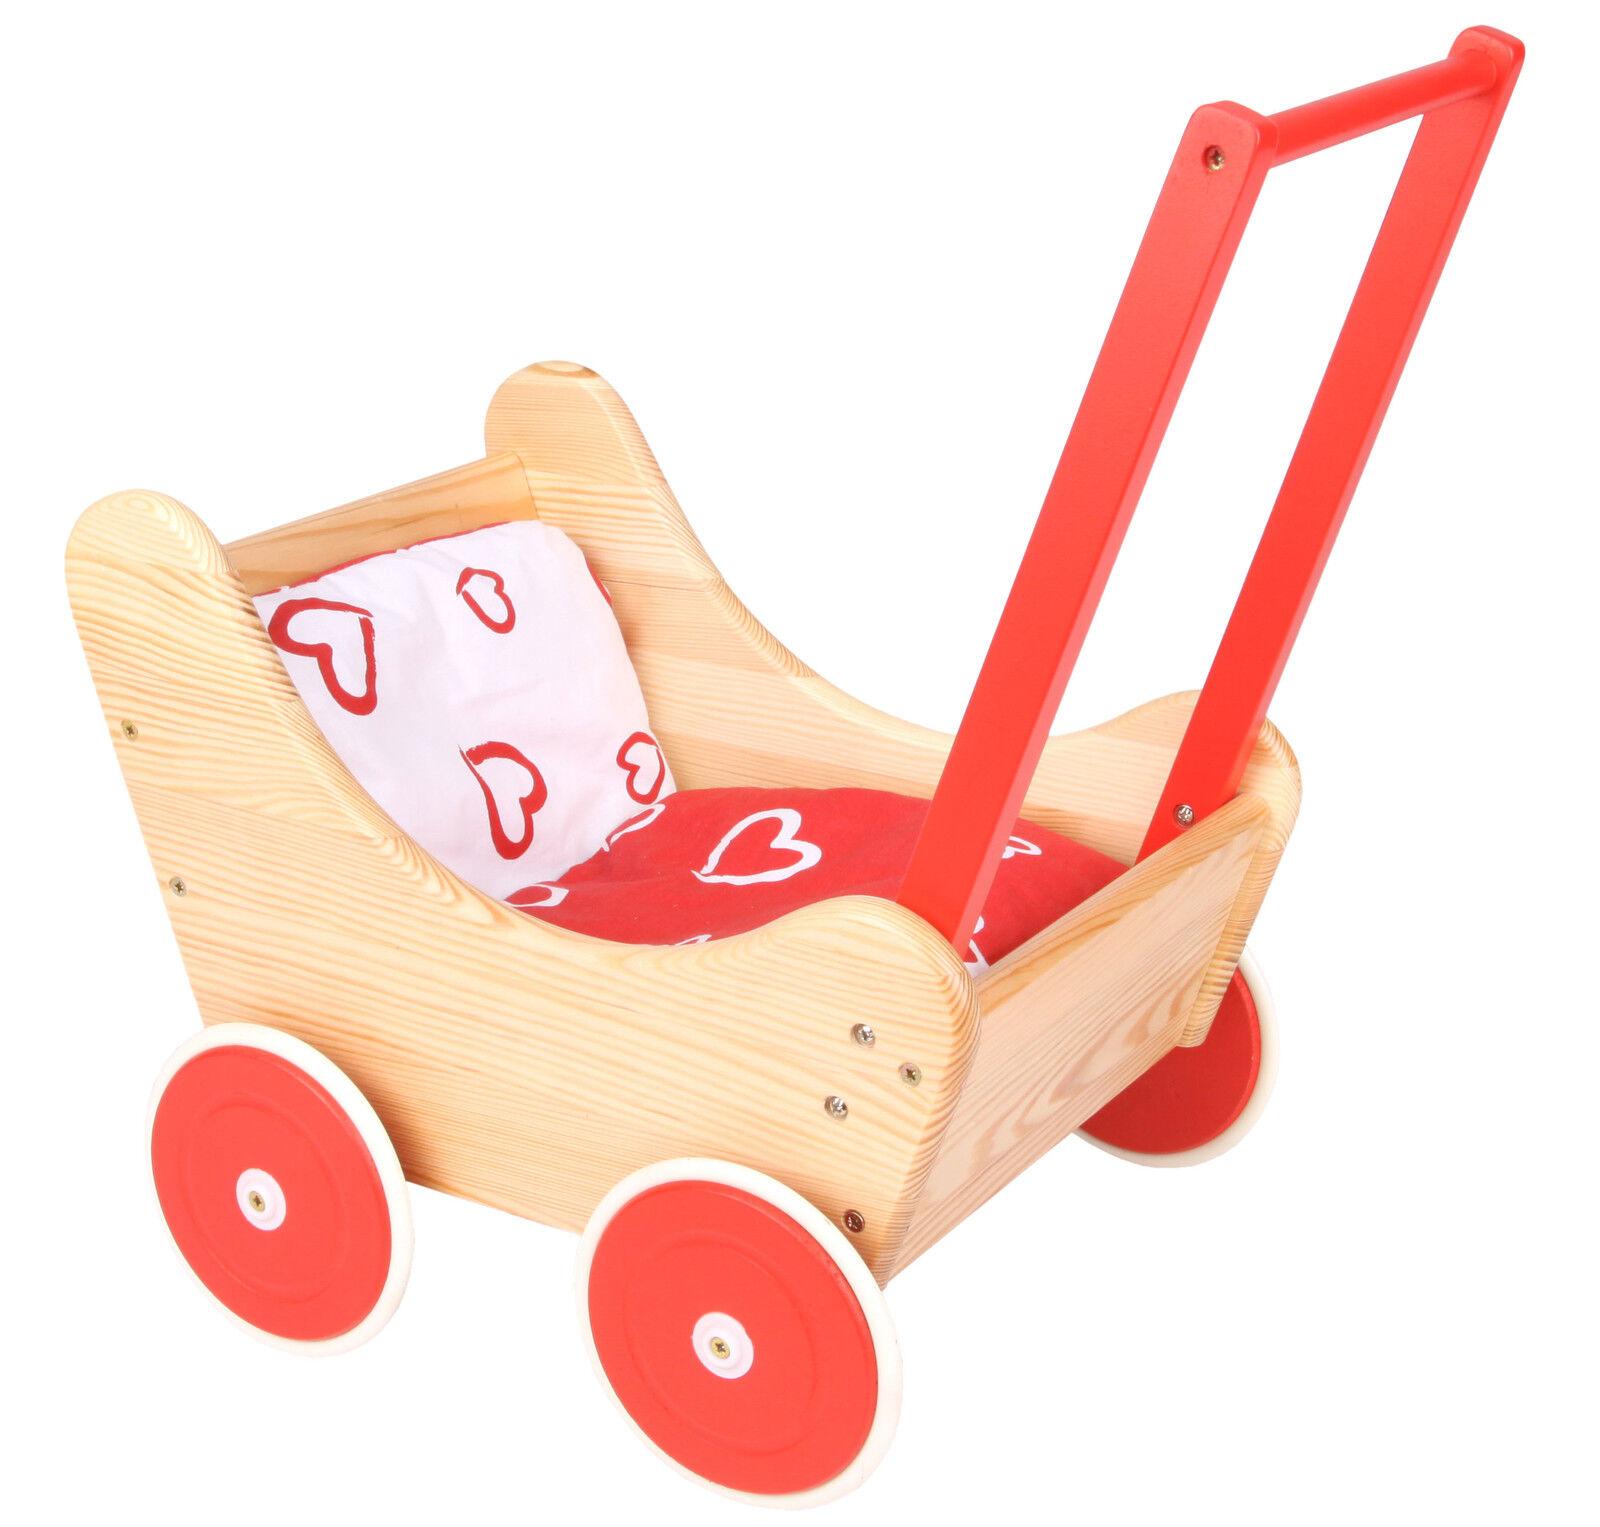 Edler Puppenwagen aus Holz rot mit Kissengarnitur 270020 NEU ovp